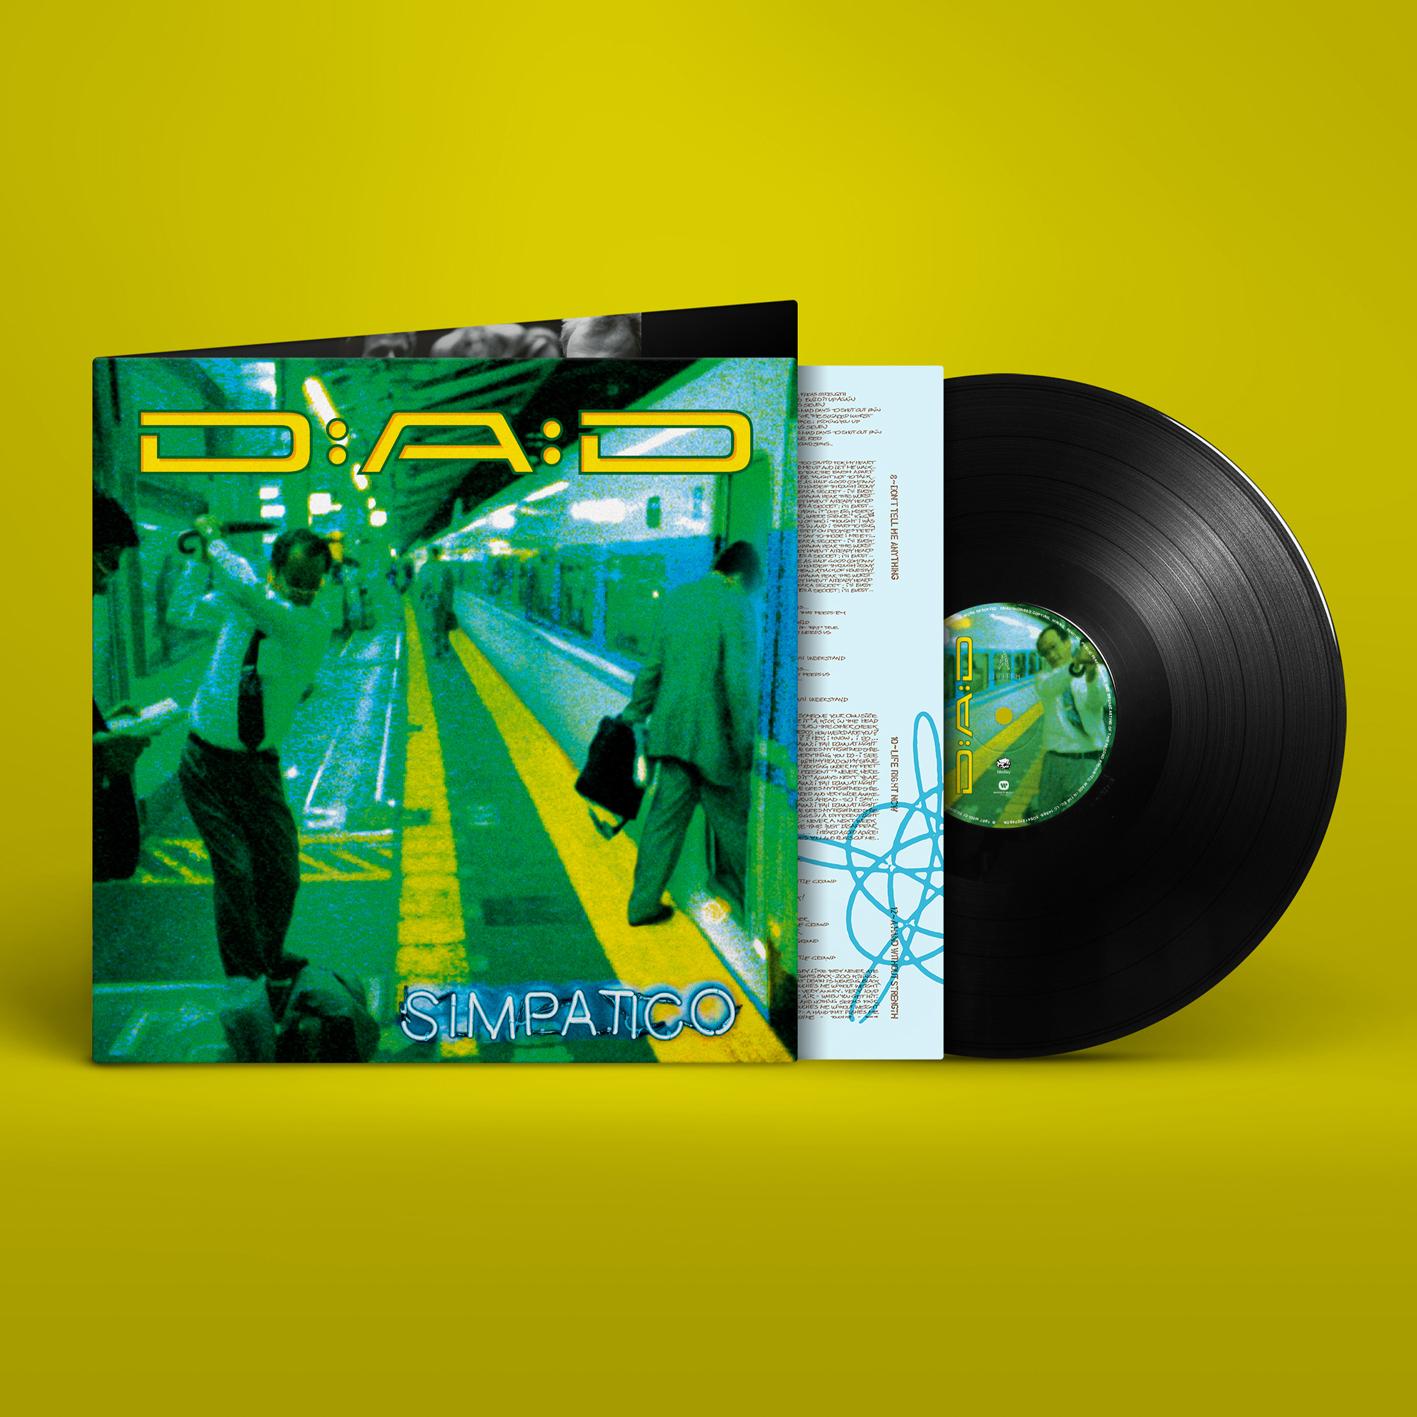 Simpatico - D-A-D - Musik - PLG Denmark - 5054197074509 - March 19, 2021